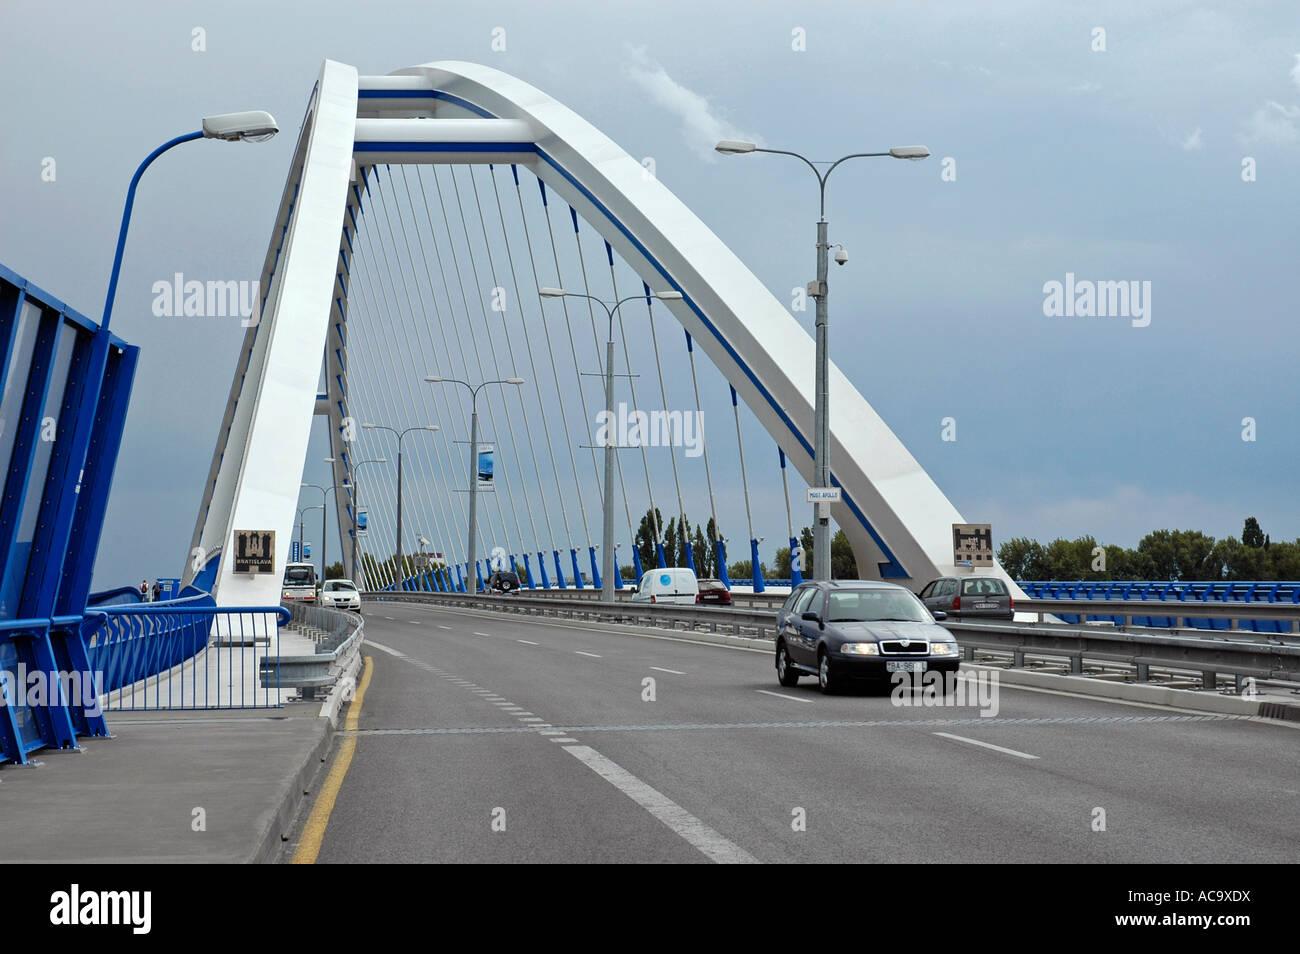 Apollo bridge, Bratislava, Slovakia - Stock Image